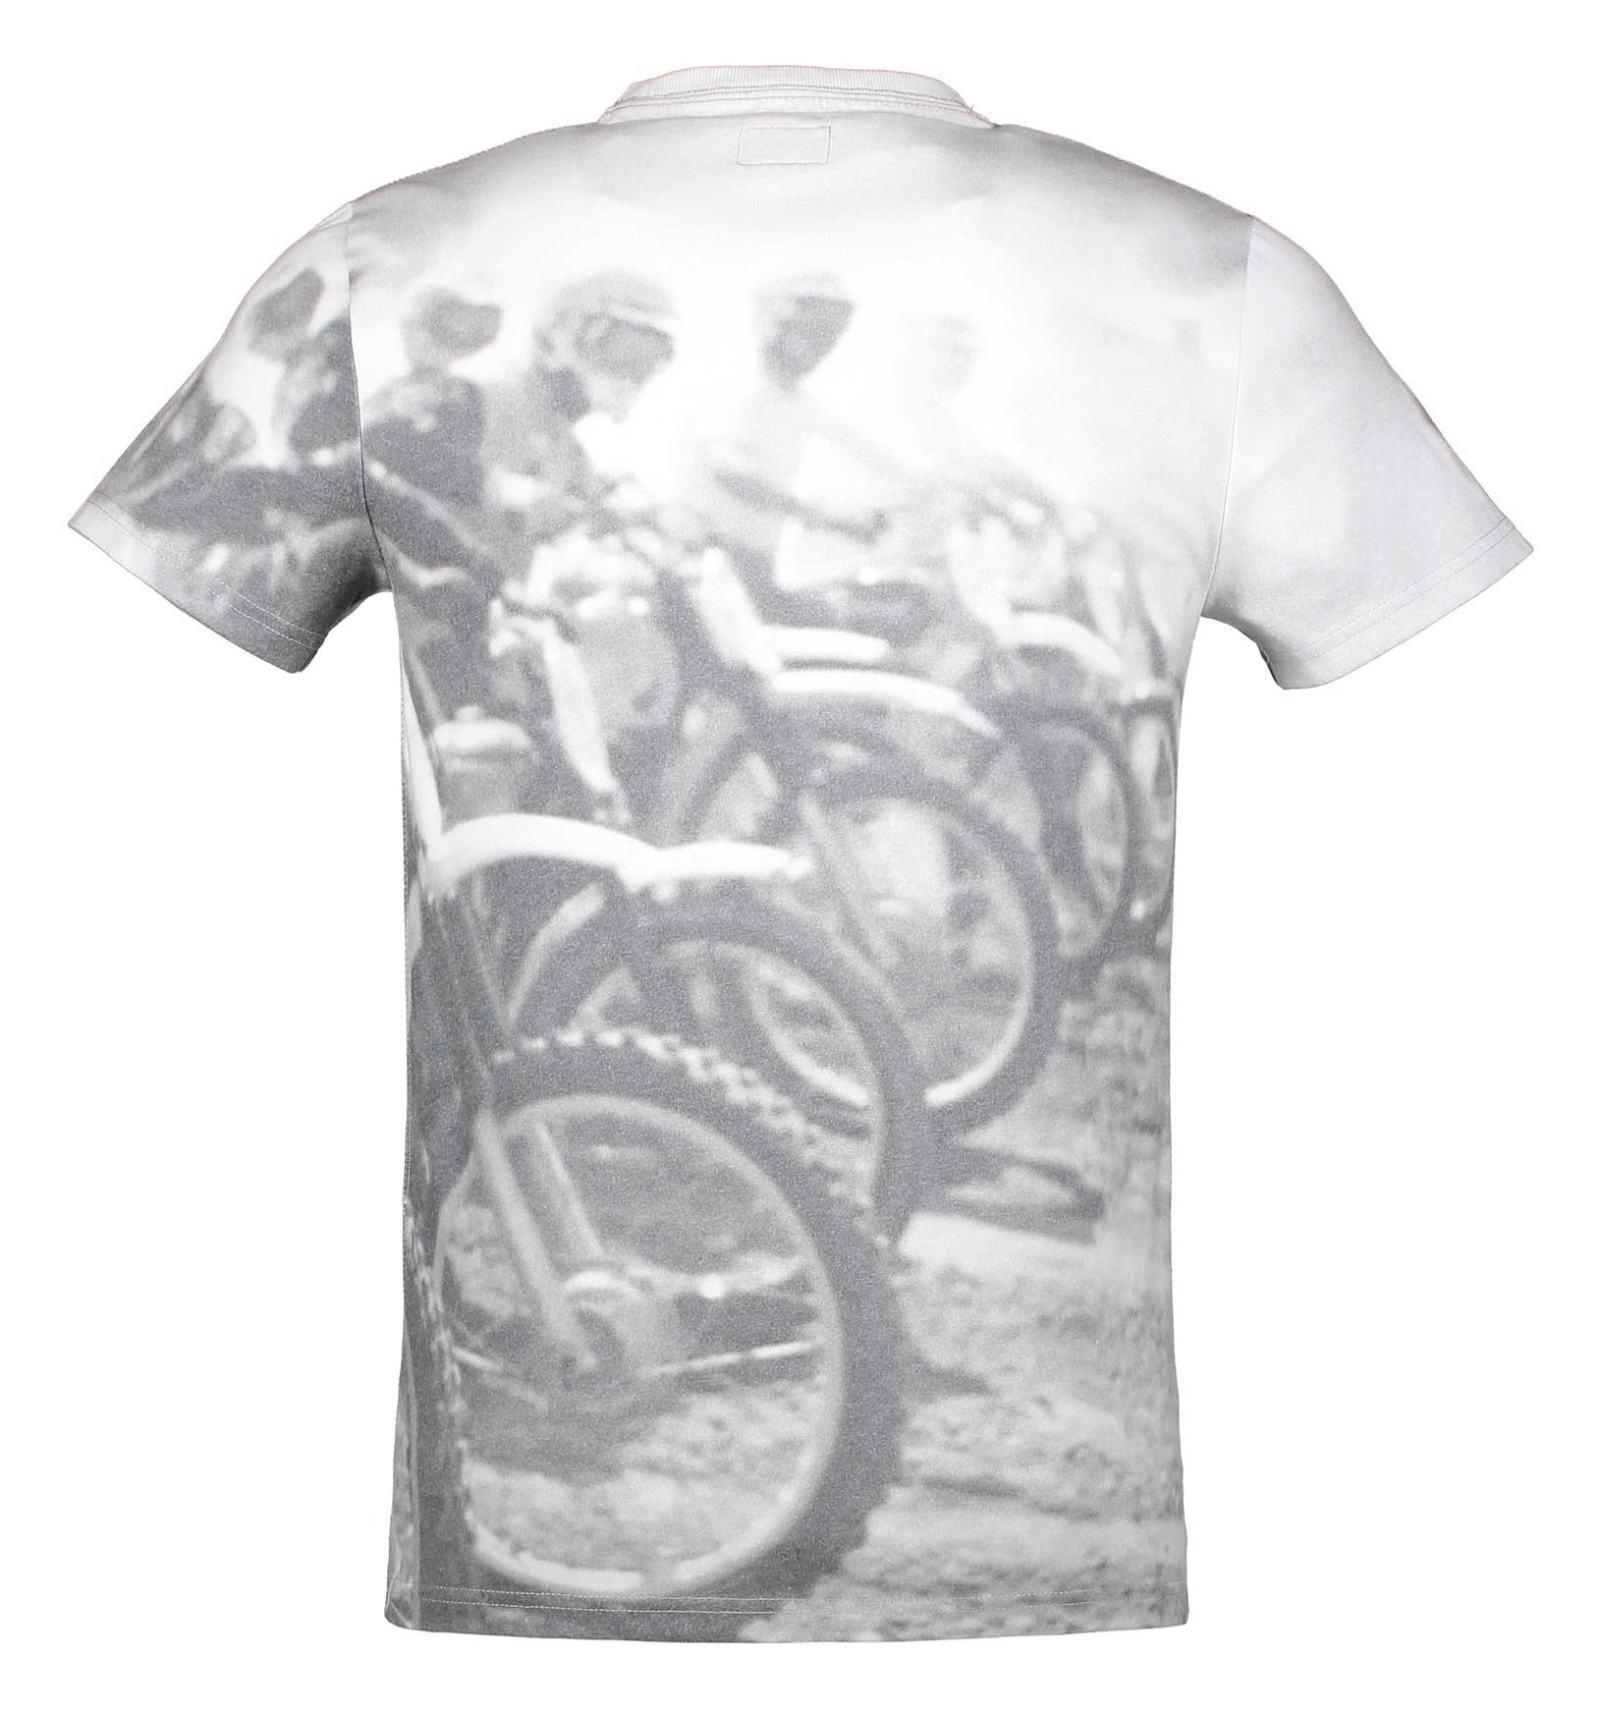 تی شرت یقه گرد مردانه - سوپردرای - طوسي تيره - 2